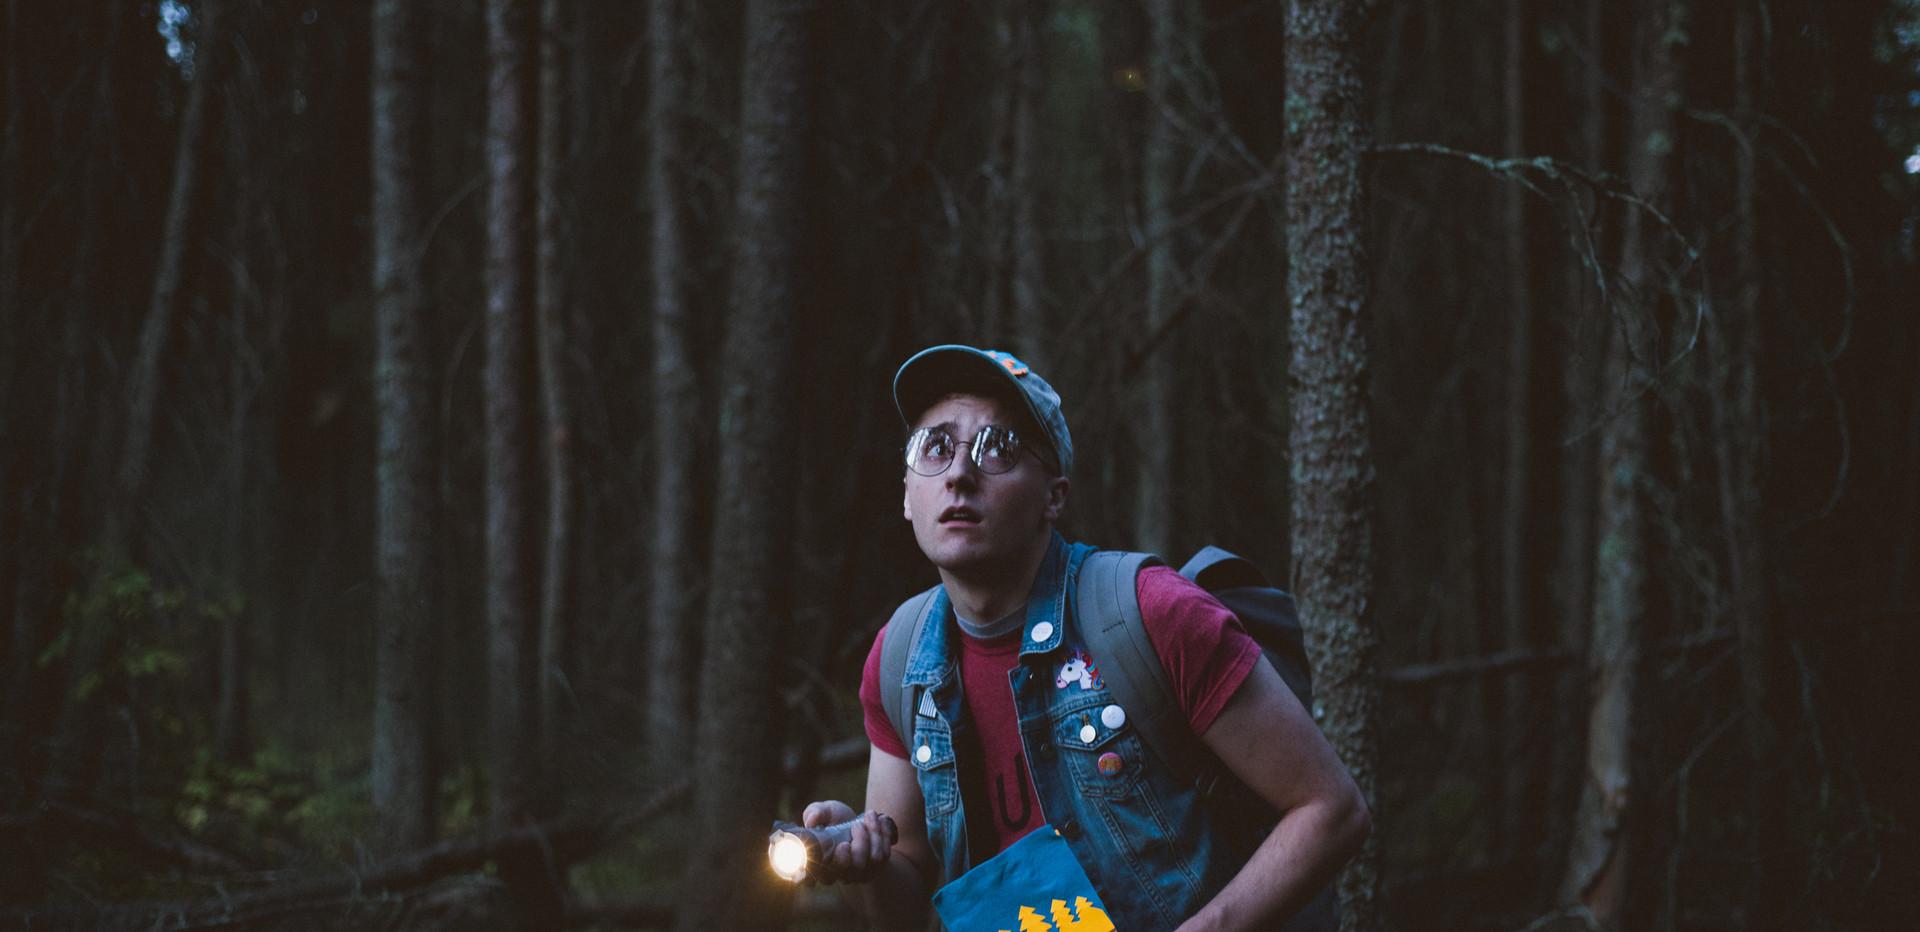 Josh Travnik. CAMP